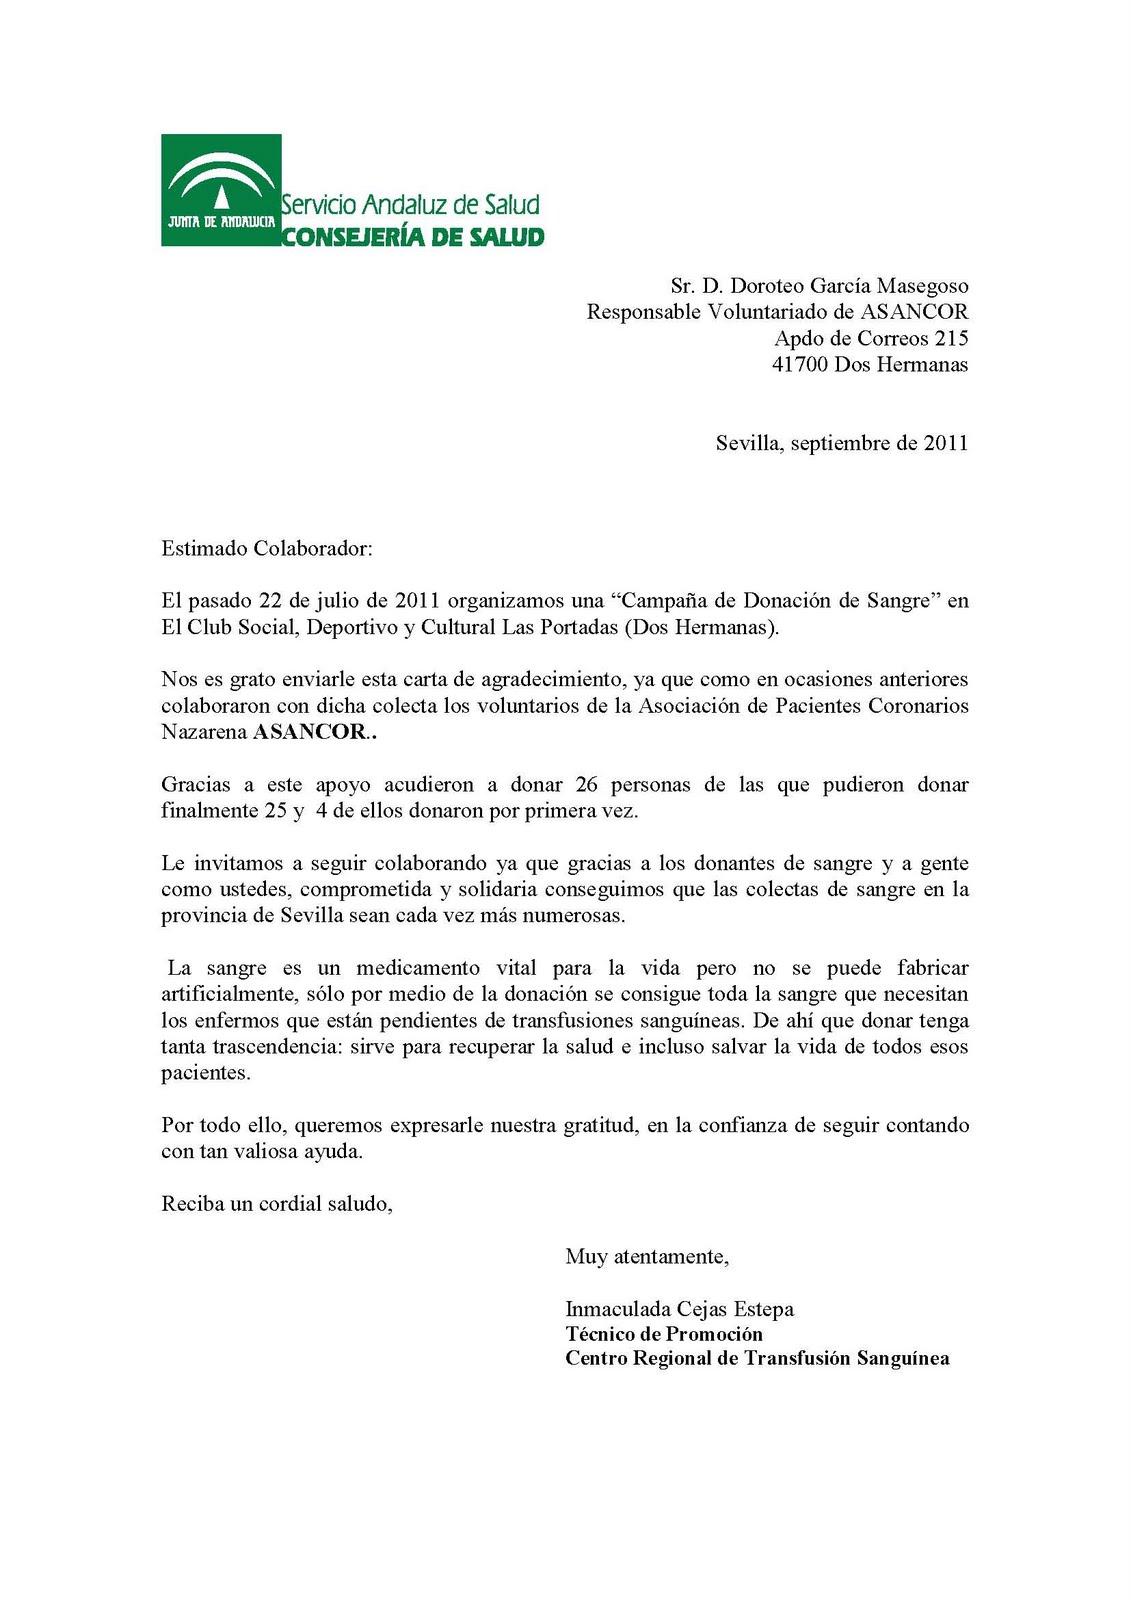 Asociacion De Pacientes Coronarios Nazarena Carta De Agradecimiento